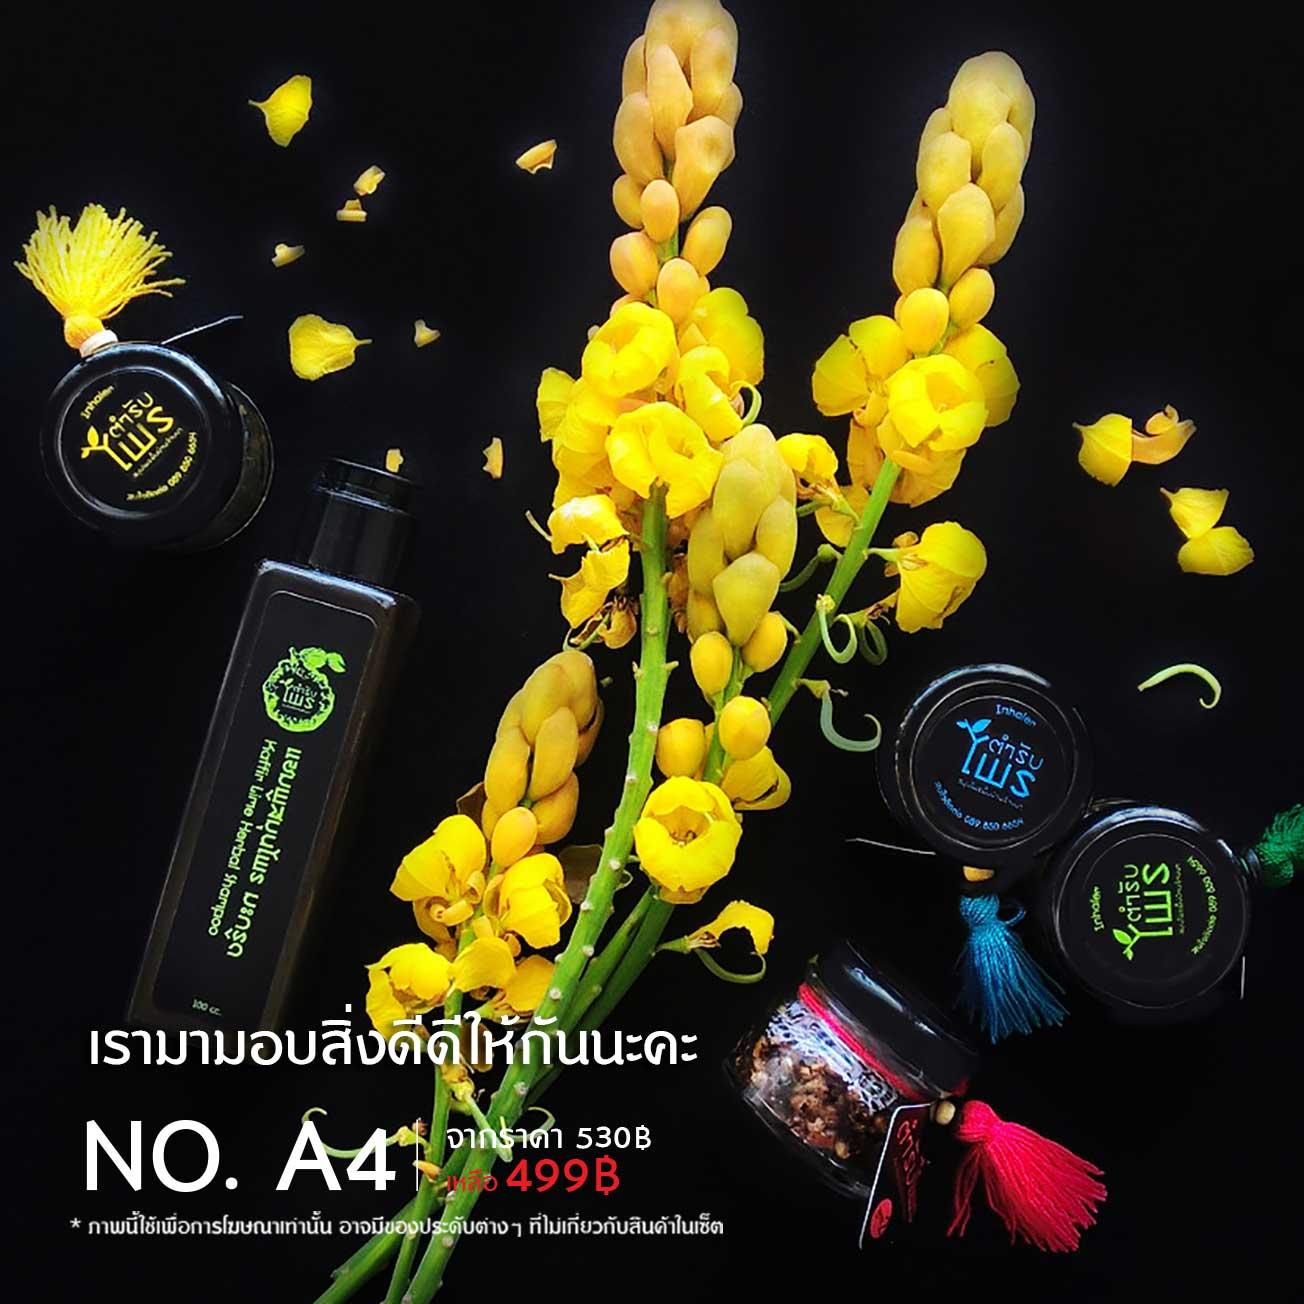 Set No. A4